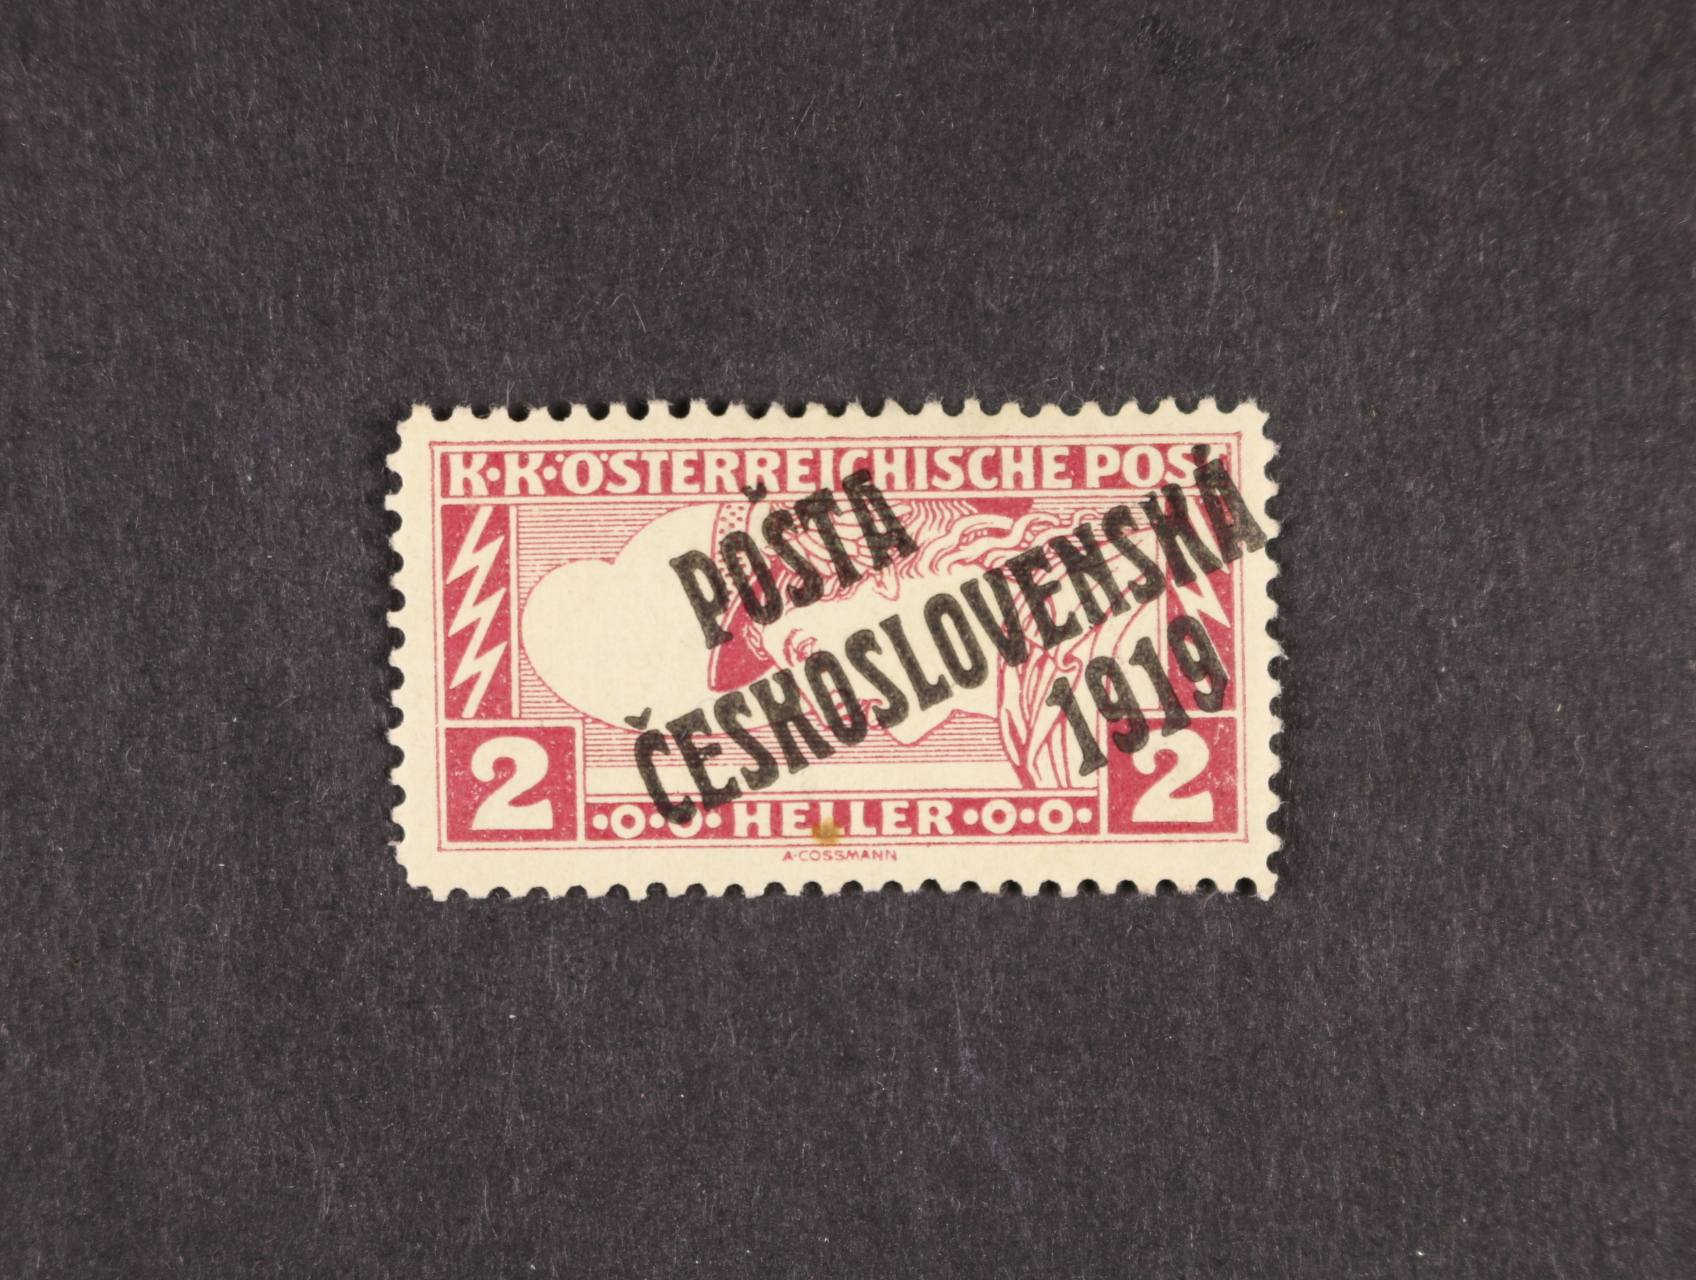 zn. č. 57 Aa, typ III, černý přetisk, dřívko v papíře, zk. Gilbert